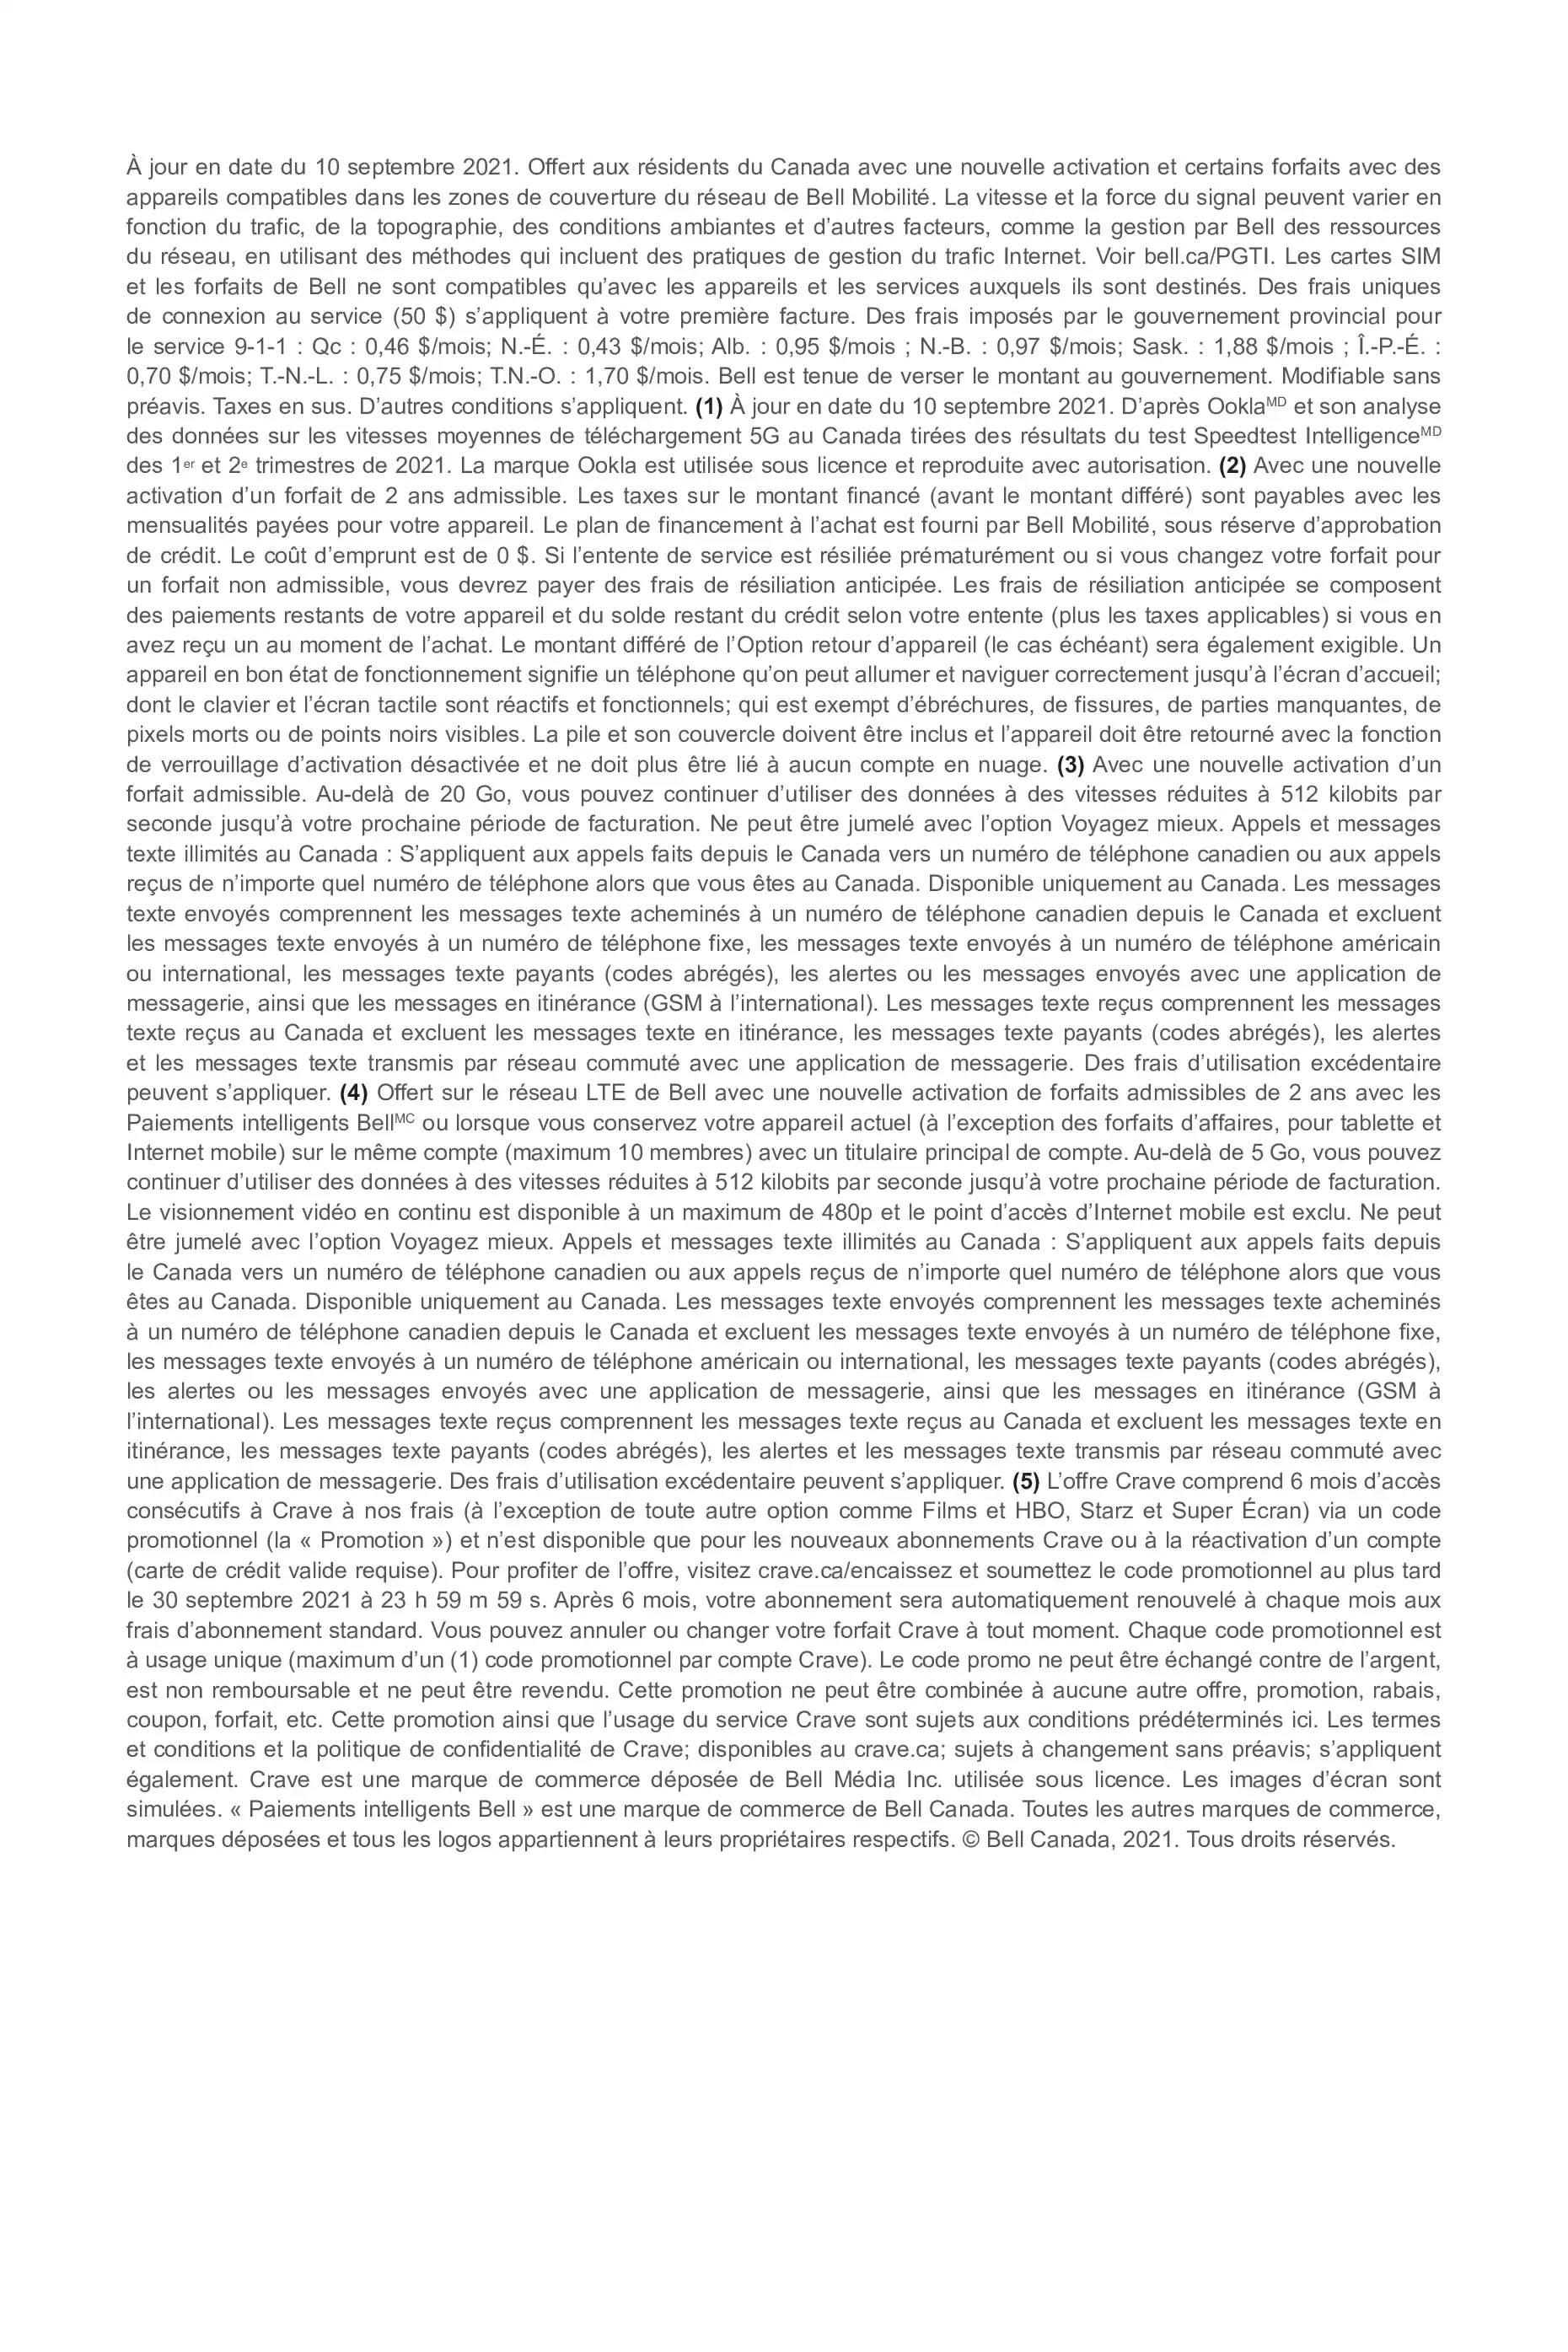 Circulaire Bell du 10 au 30 Septembre 2021 - Page 8